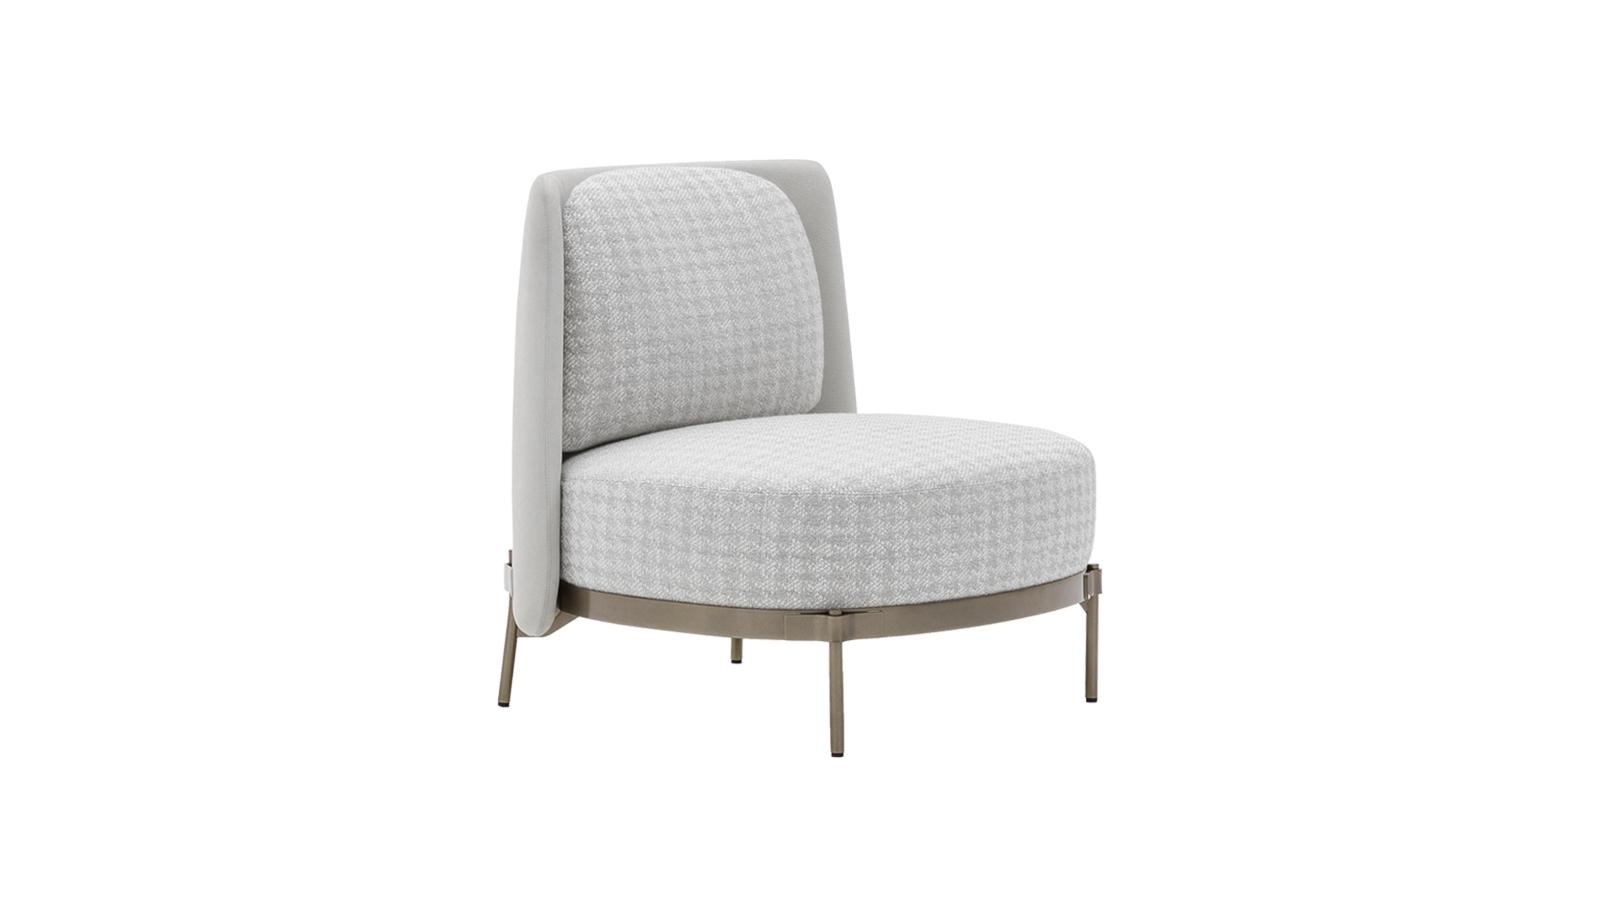 A Tape iróniája a részletekben rejlik: a hagyományosan a bútortestbe simuló tartólábak markánsak, a háttámlát pedig mintha az üléshez tapasztották volna. Ez persze senkit ne tévesszen meg, hiszen különösen strapabíró és időtálló fotelről van szó. Kifogástalan arányaival és masszív megjelenésével a nappali barátságos kiegészítőjévé válhat. A Tape bútorkollekció több verzióban is beszerezhető.